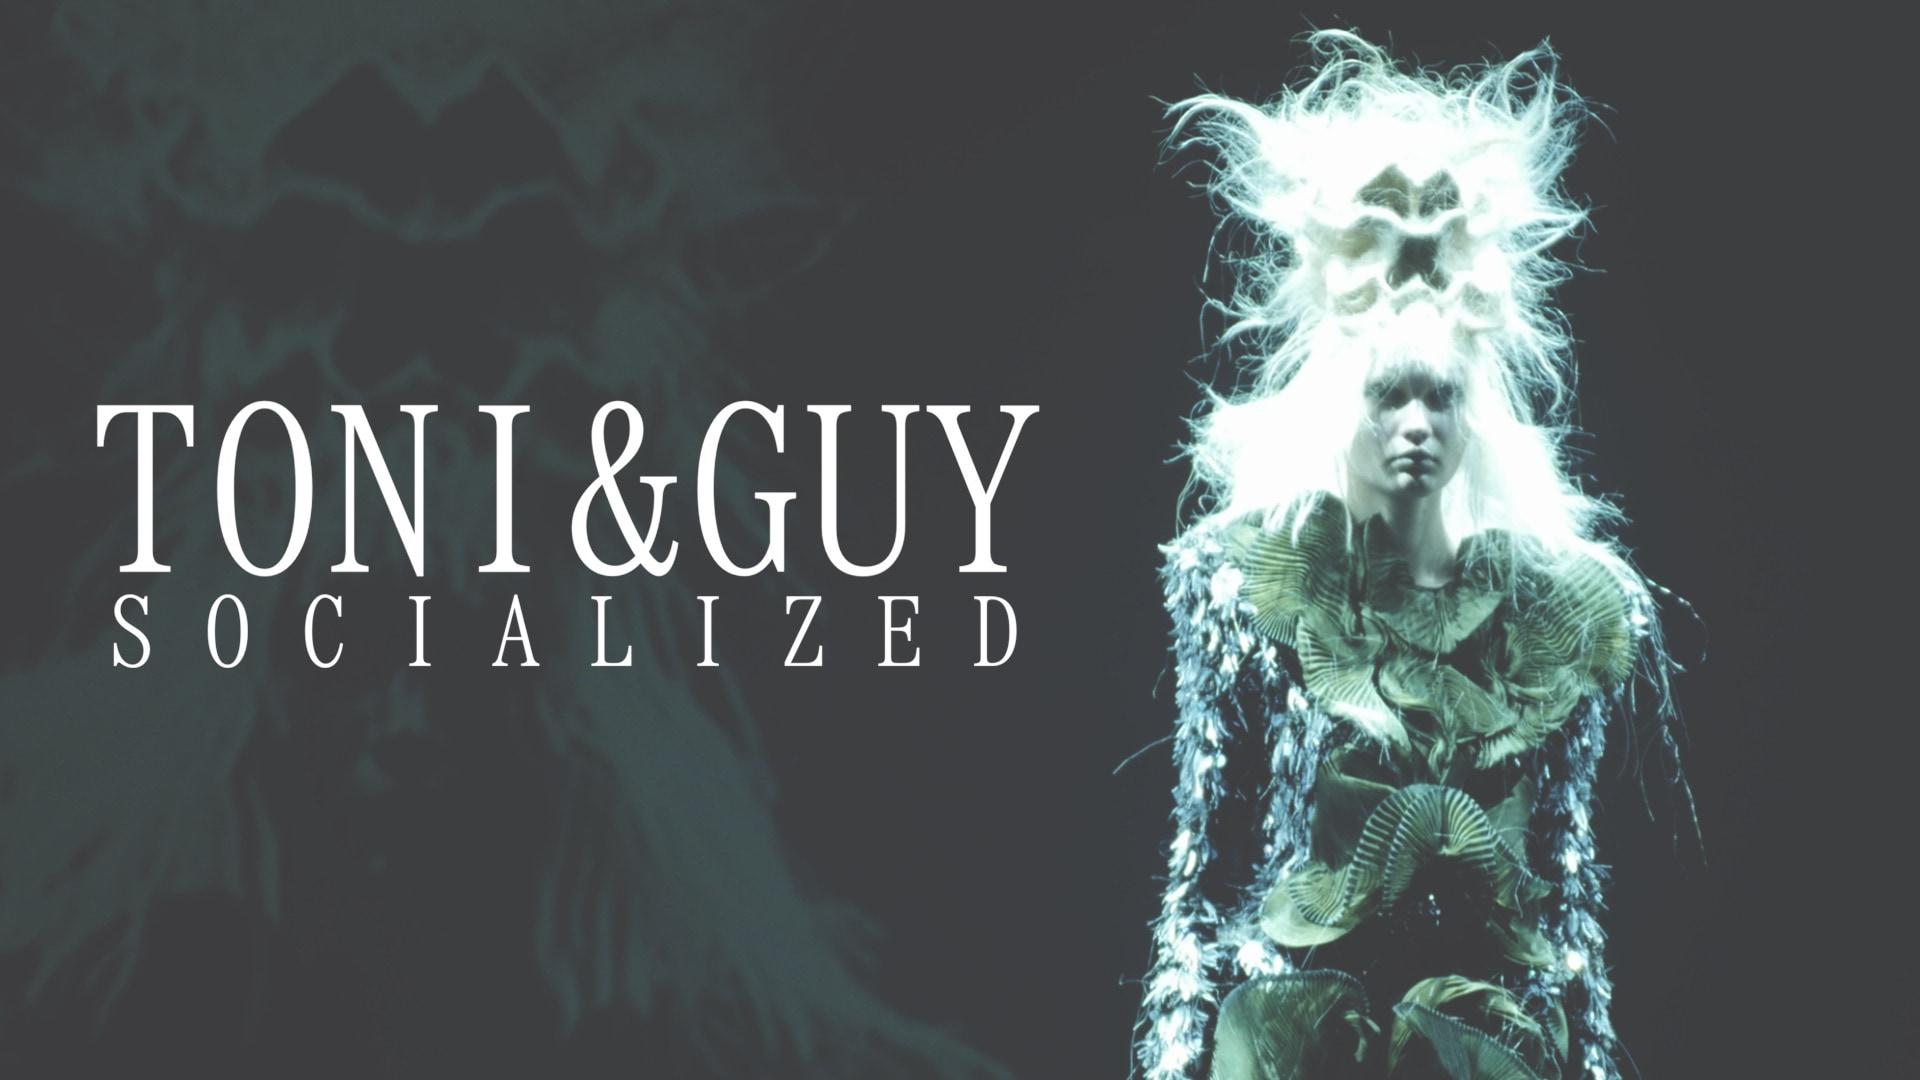 プロも注目のトレンド最先端!TONI&GUY(トニーアンドガイ)がヘアショーを開催!